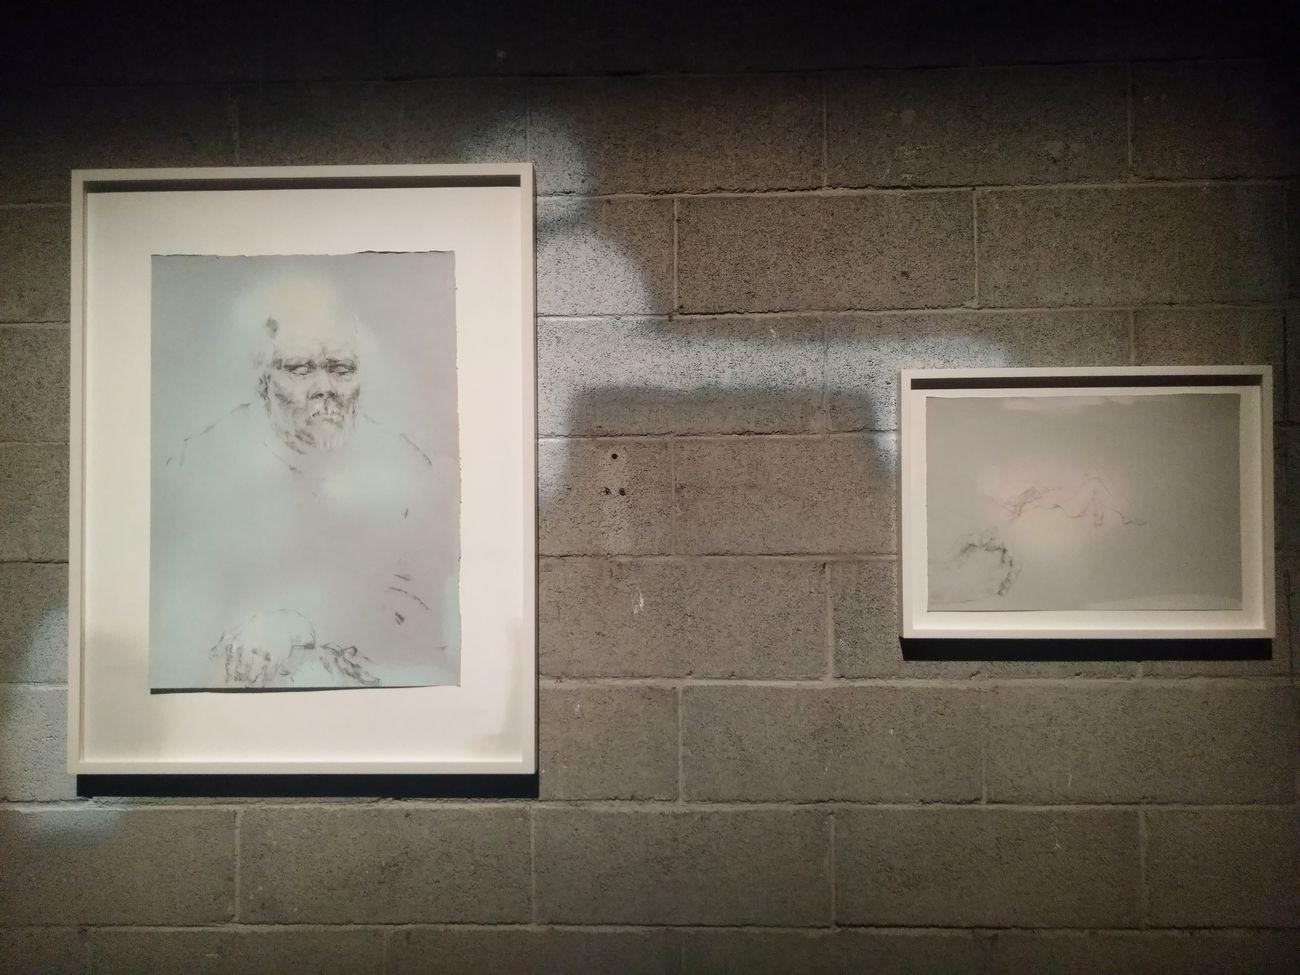 Elena Nemkova, How to draw alerted amorousness, 2018. La stanza del padre, Forlì 2018. Photo Daniele Perra